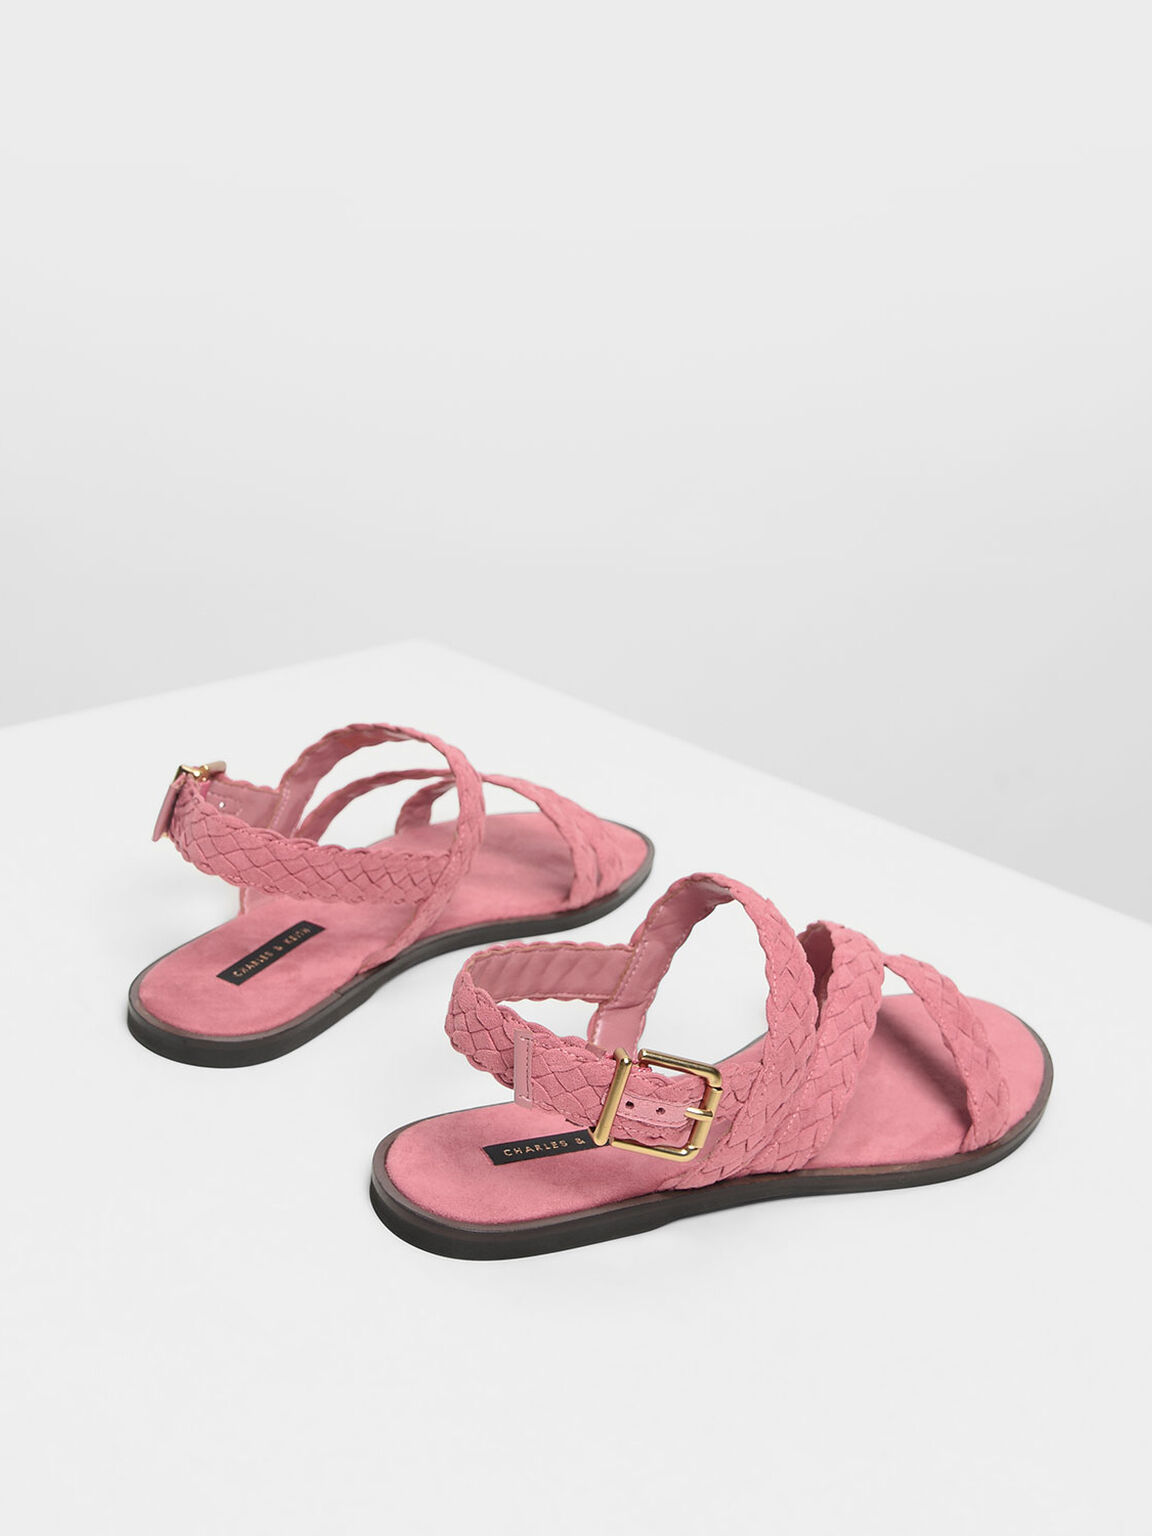 編織平底涼鞋, 粉紅色, hi-res